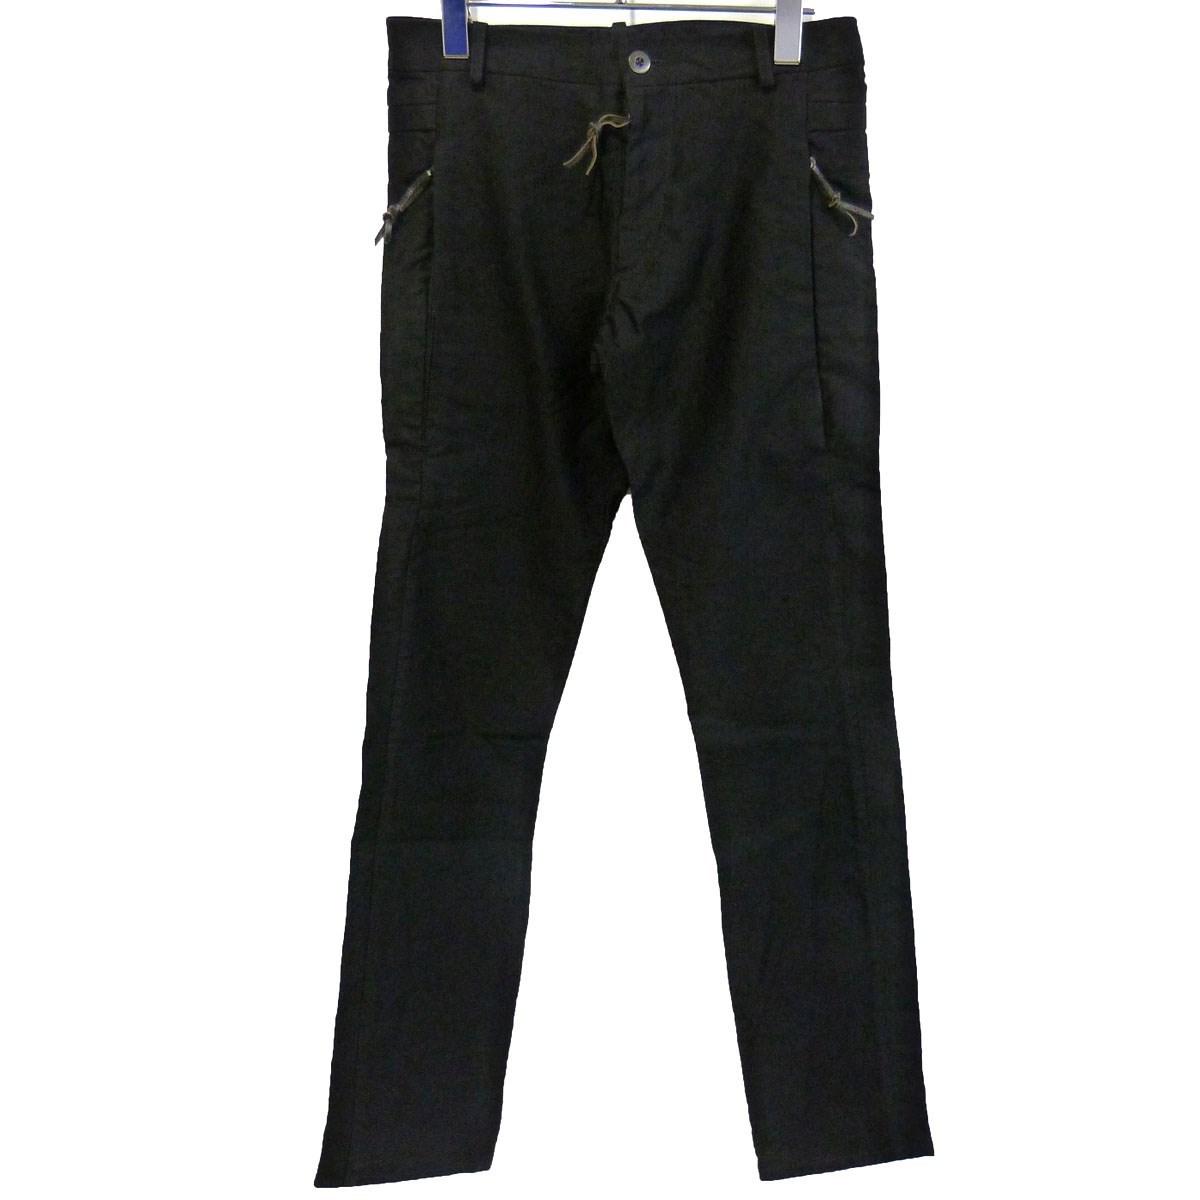 【中古】ATELIER SUPPANジップポケットコットンパンツ ブラック サイズ:0 【7月27日見直し】